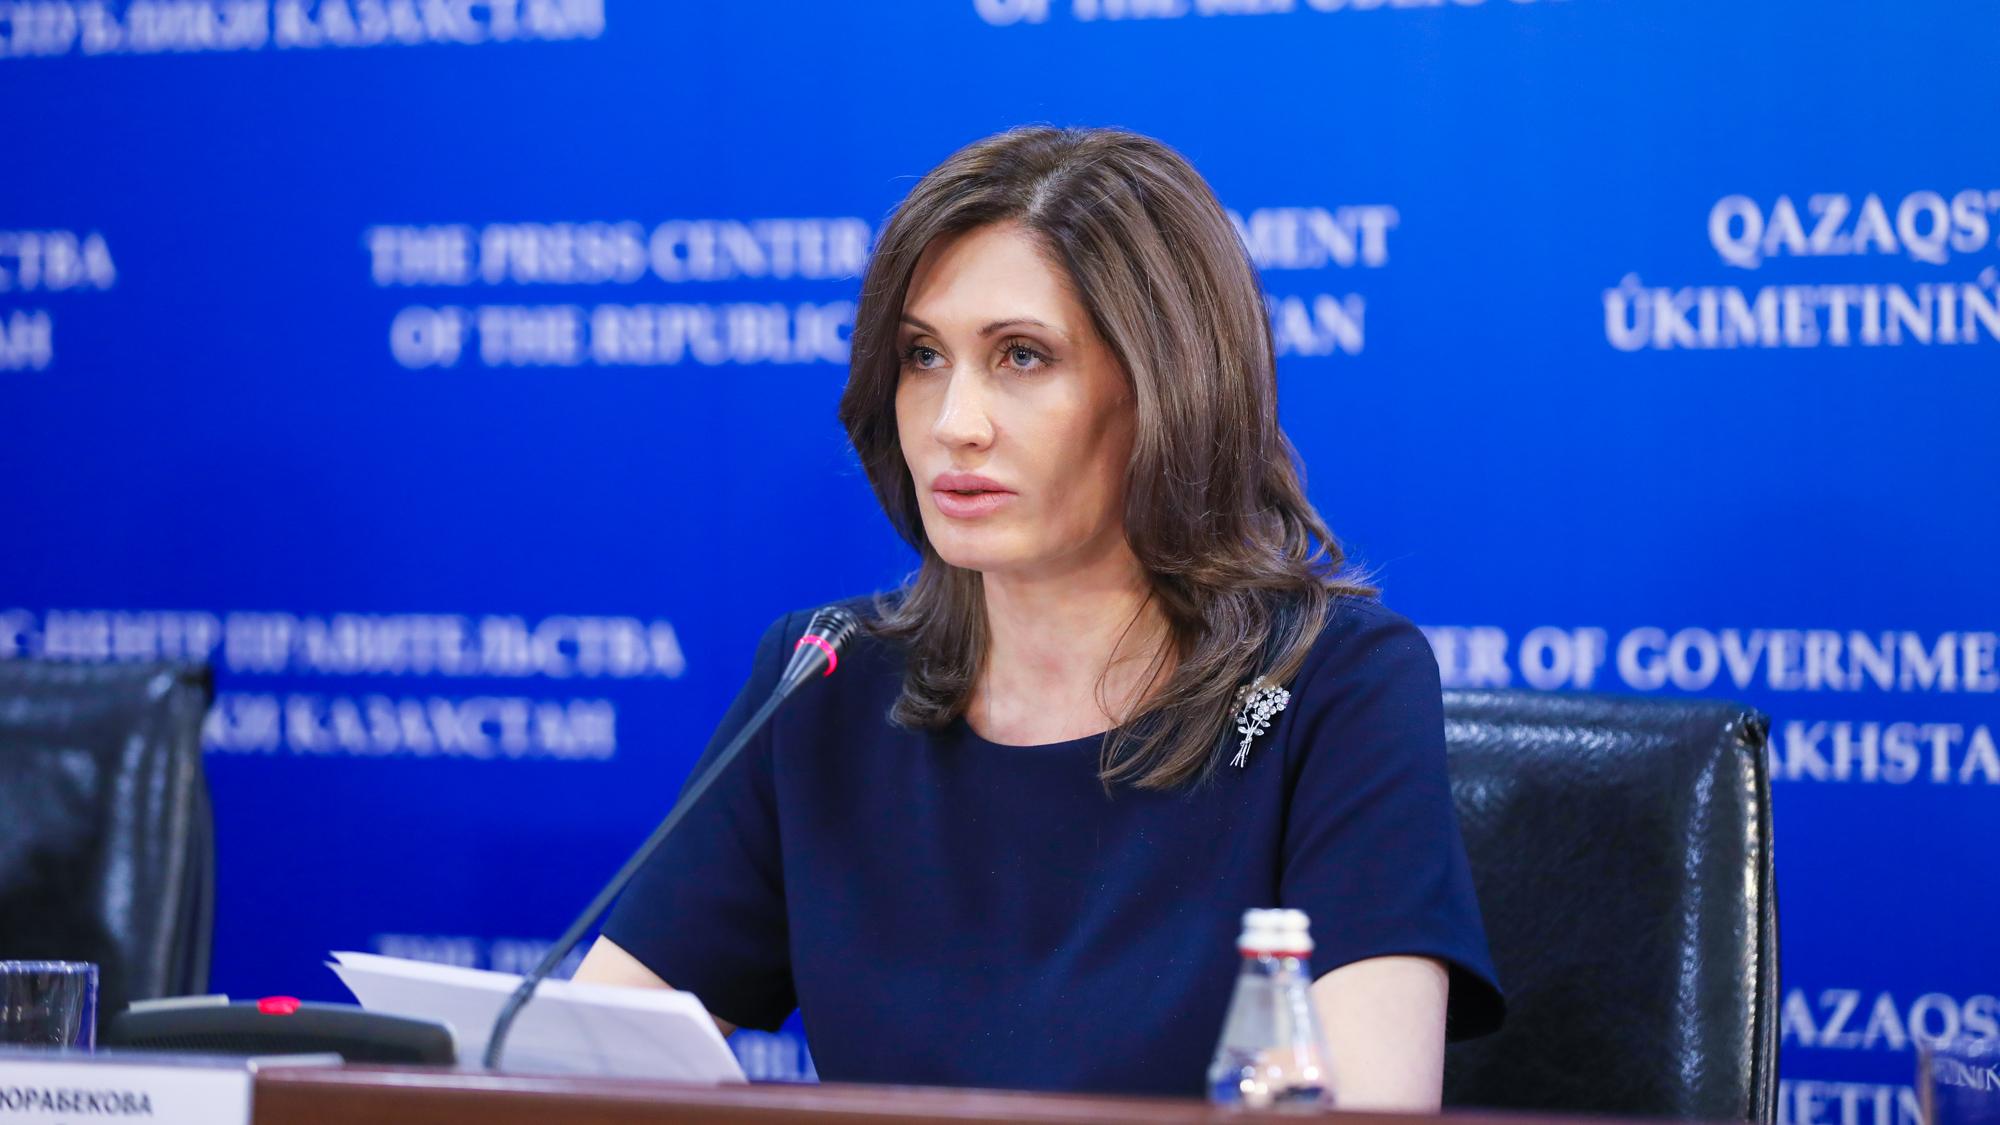 В Минздраве прокомментировали задержание главврача ГКБ №4